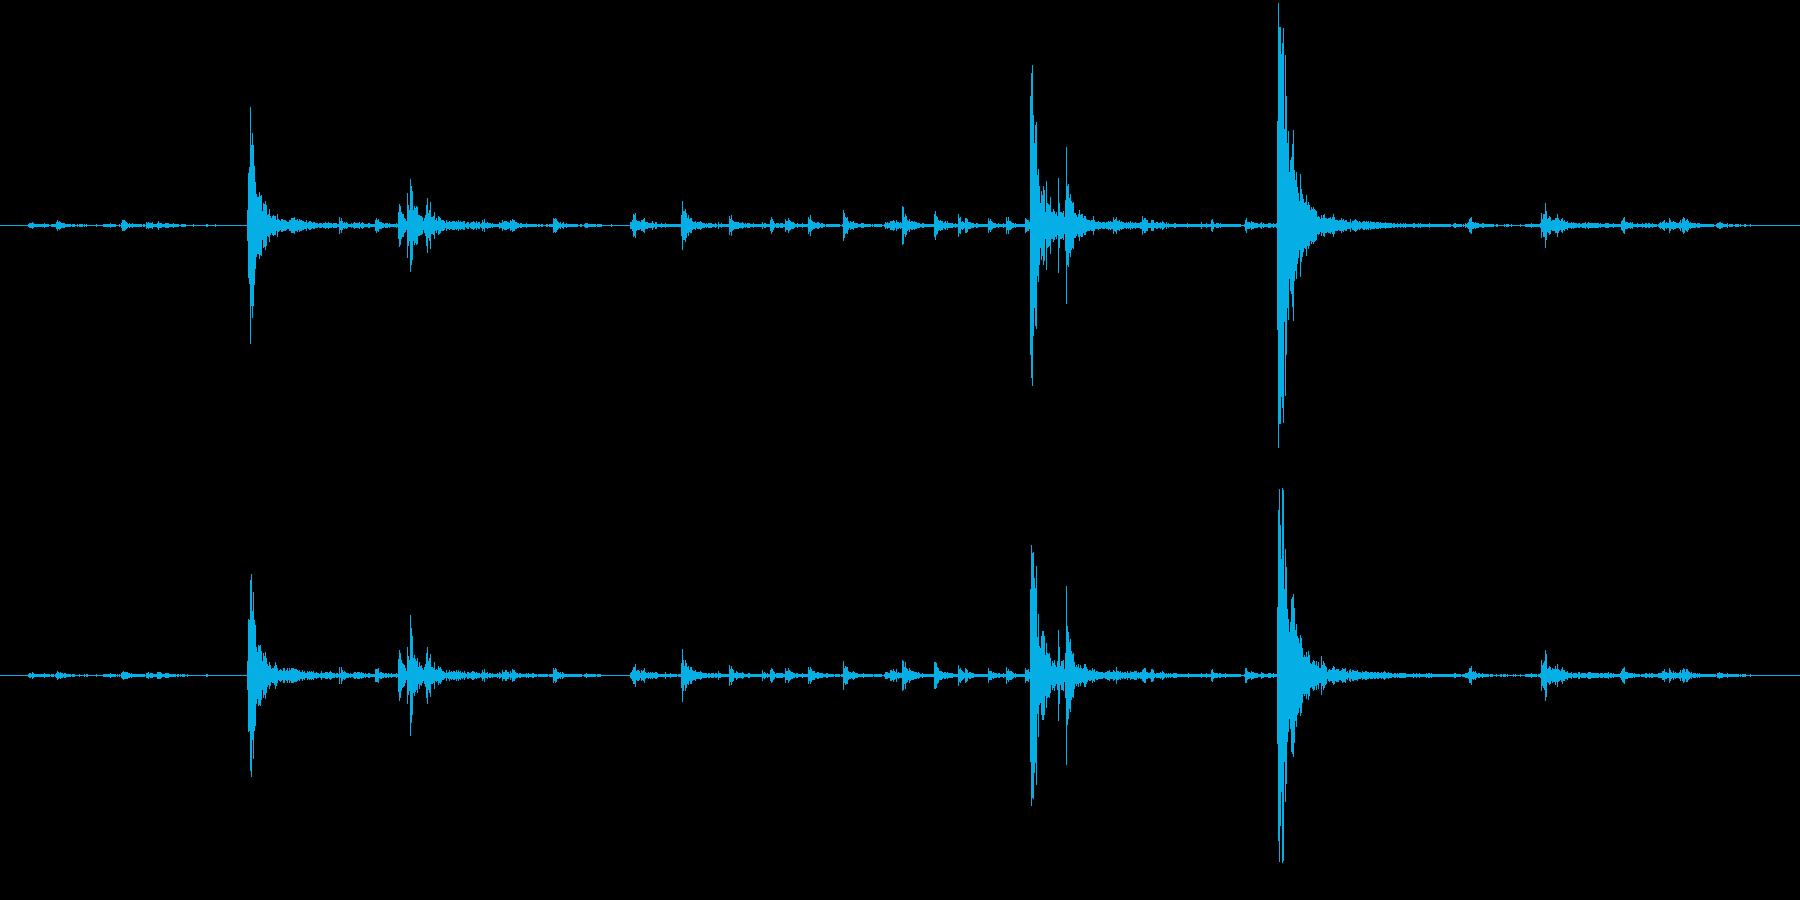 【生録音】弁当・惣菜パックの音 4の再生済みの波形